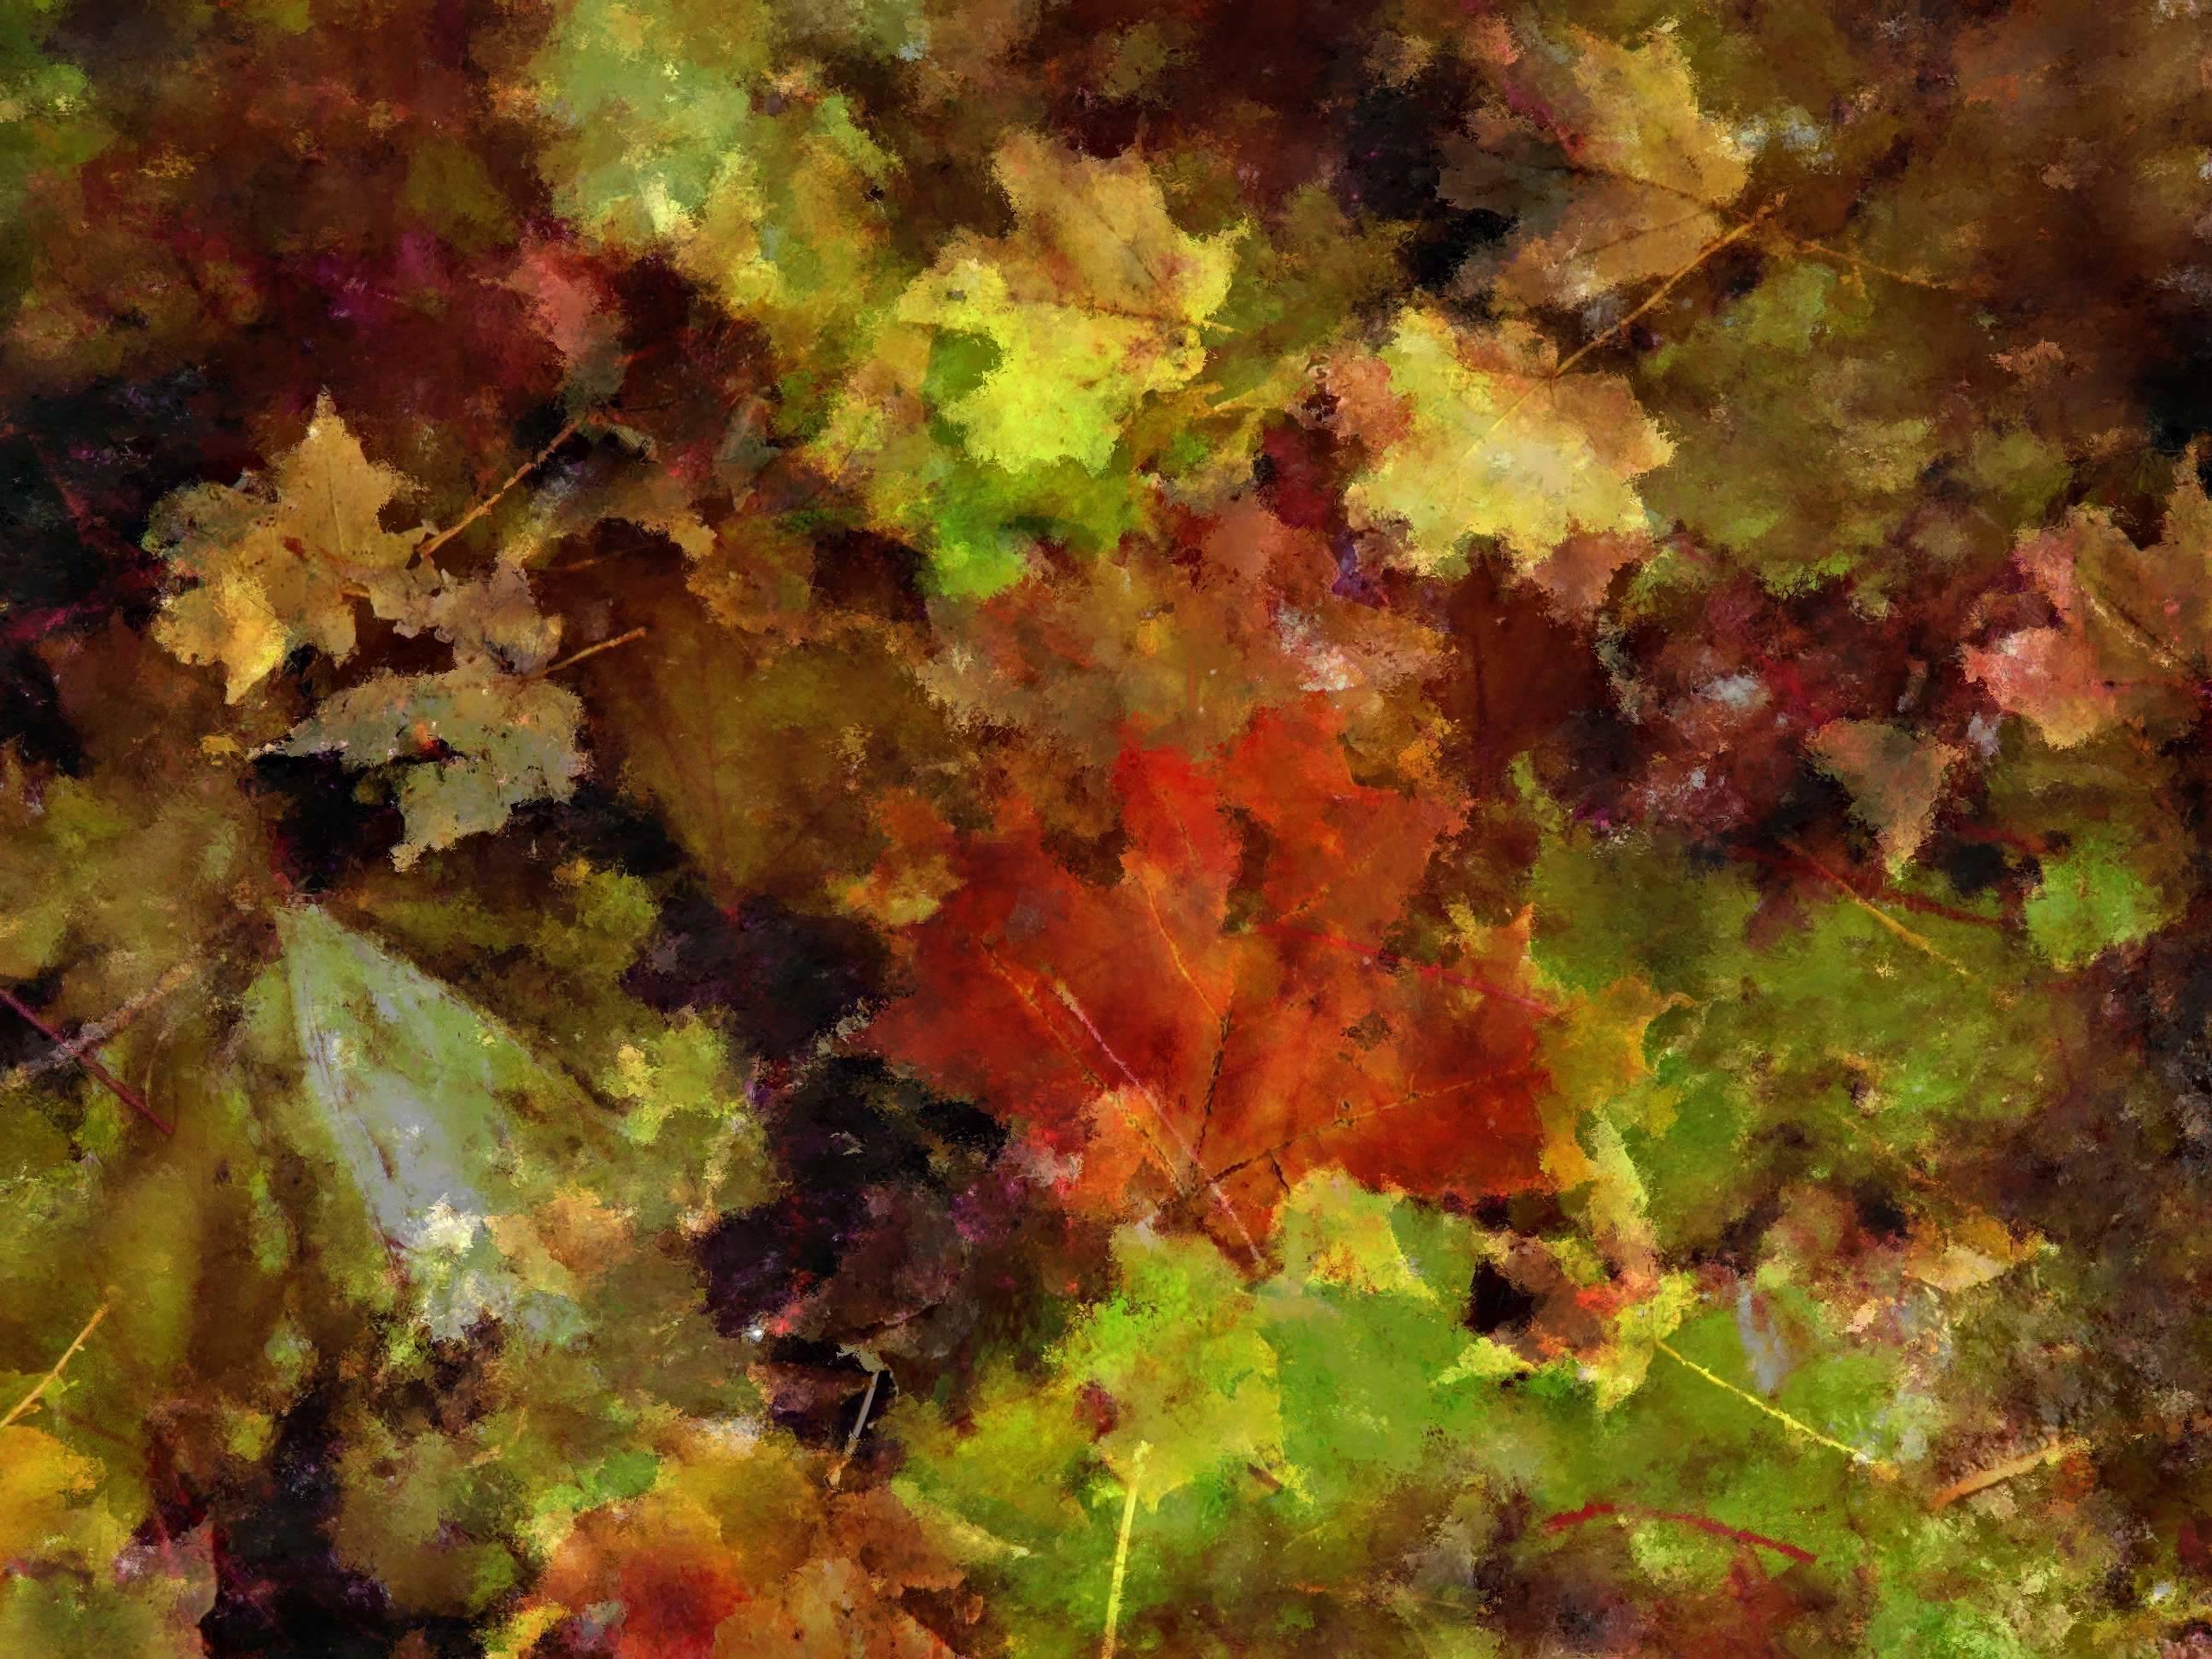 bef03983791c41e392ed_bd6df2e61383f63618b9_autumn_collage__3.JPG